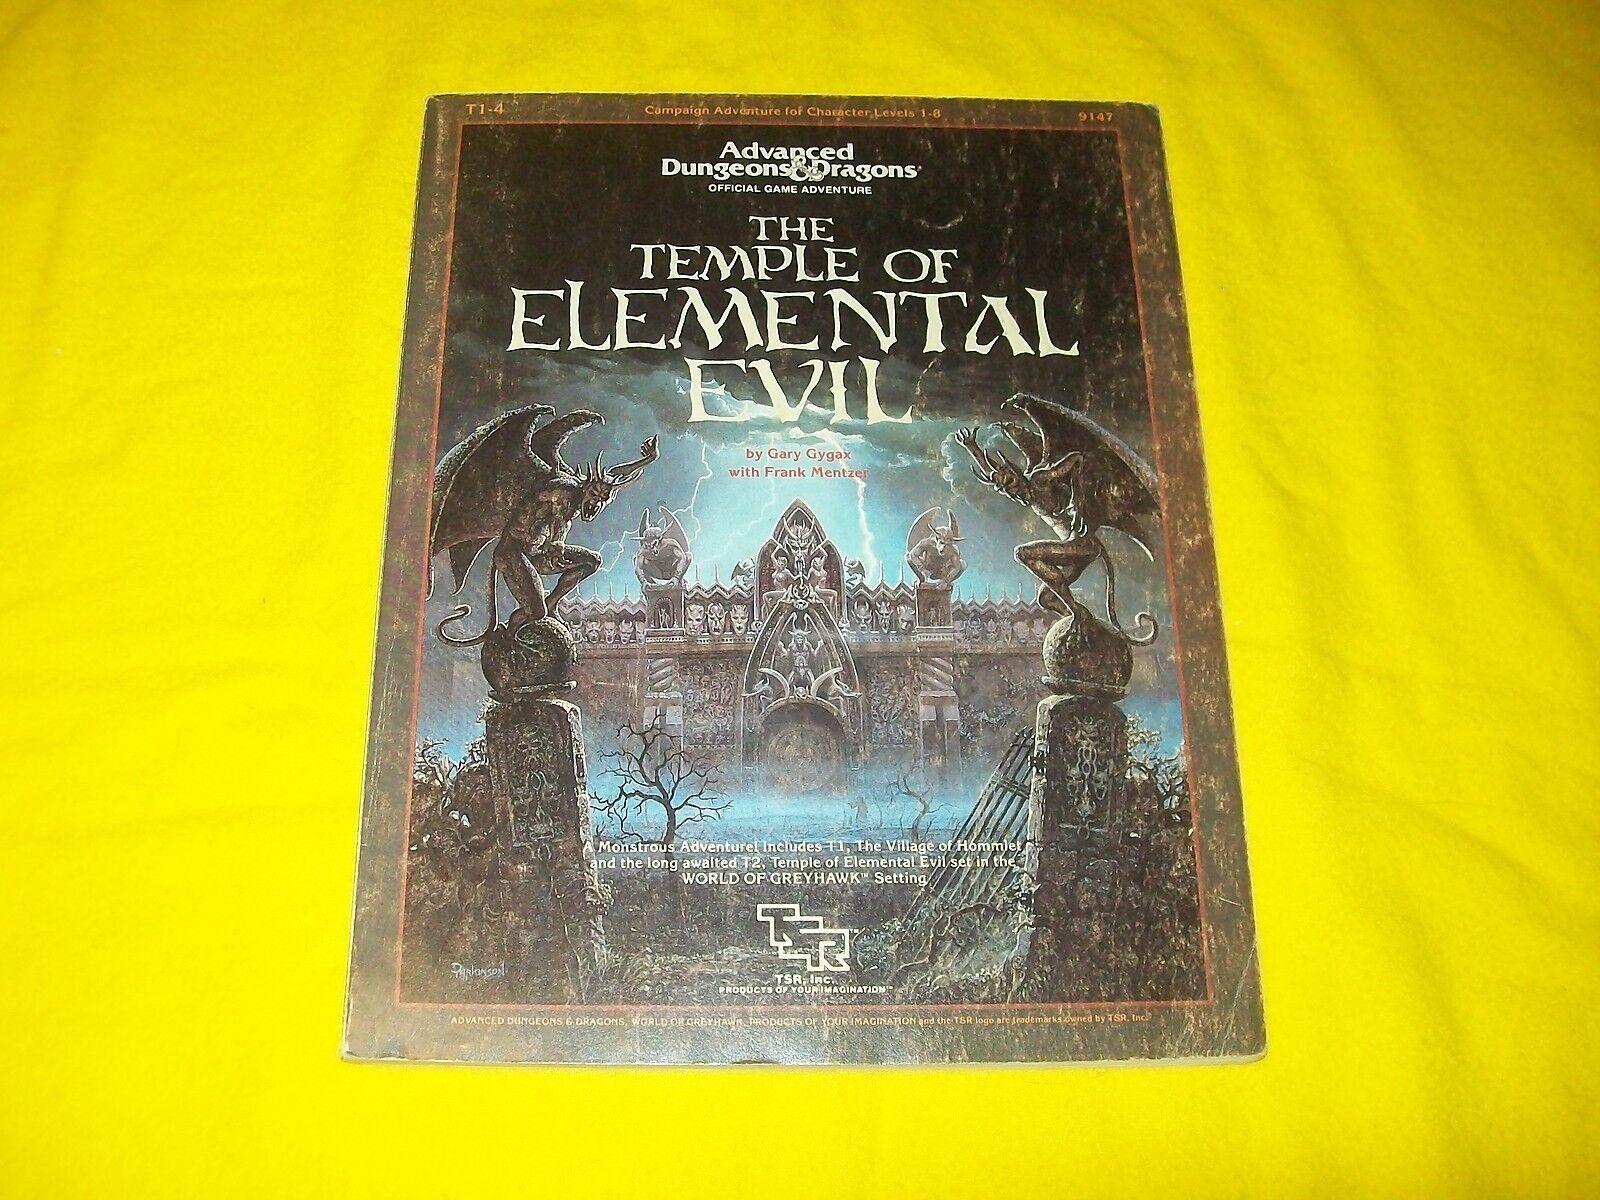 Publicidad y desarrollo de los elementos T1 T1 T1 - 4, mazmorras malignas y templos de dragones 9bb